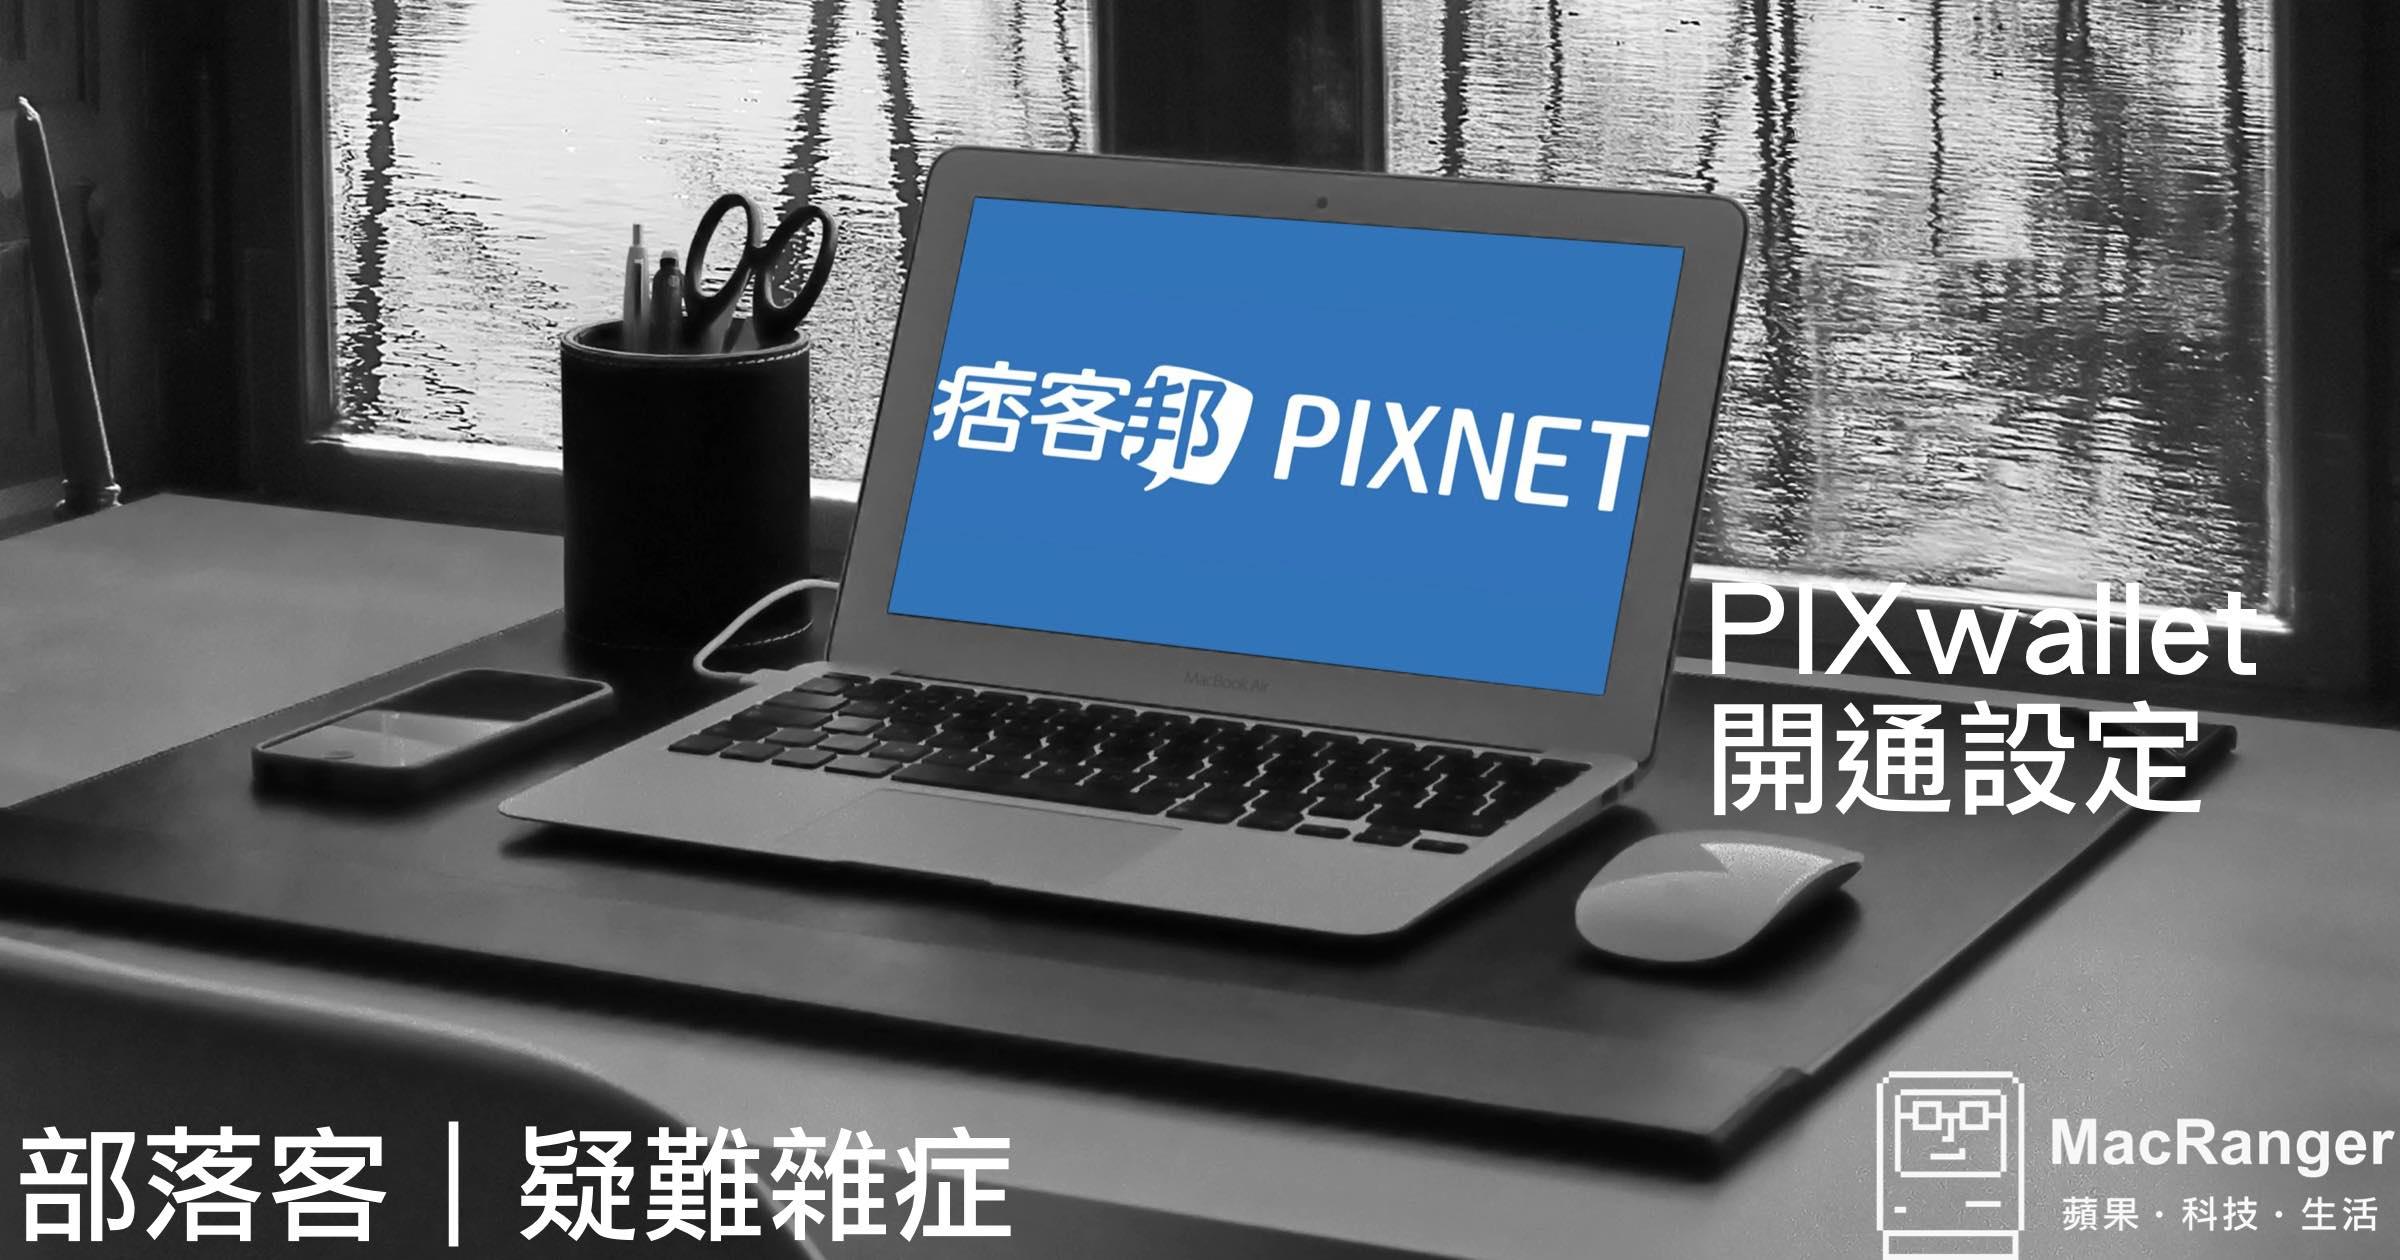 PIXwallet